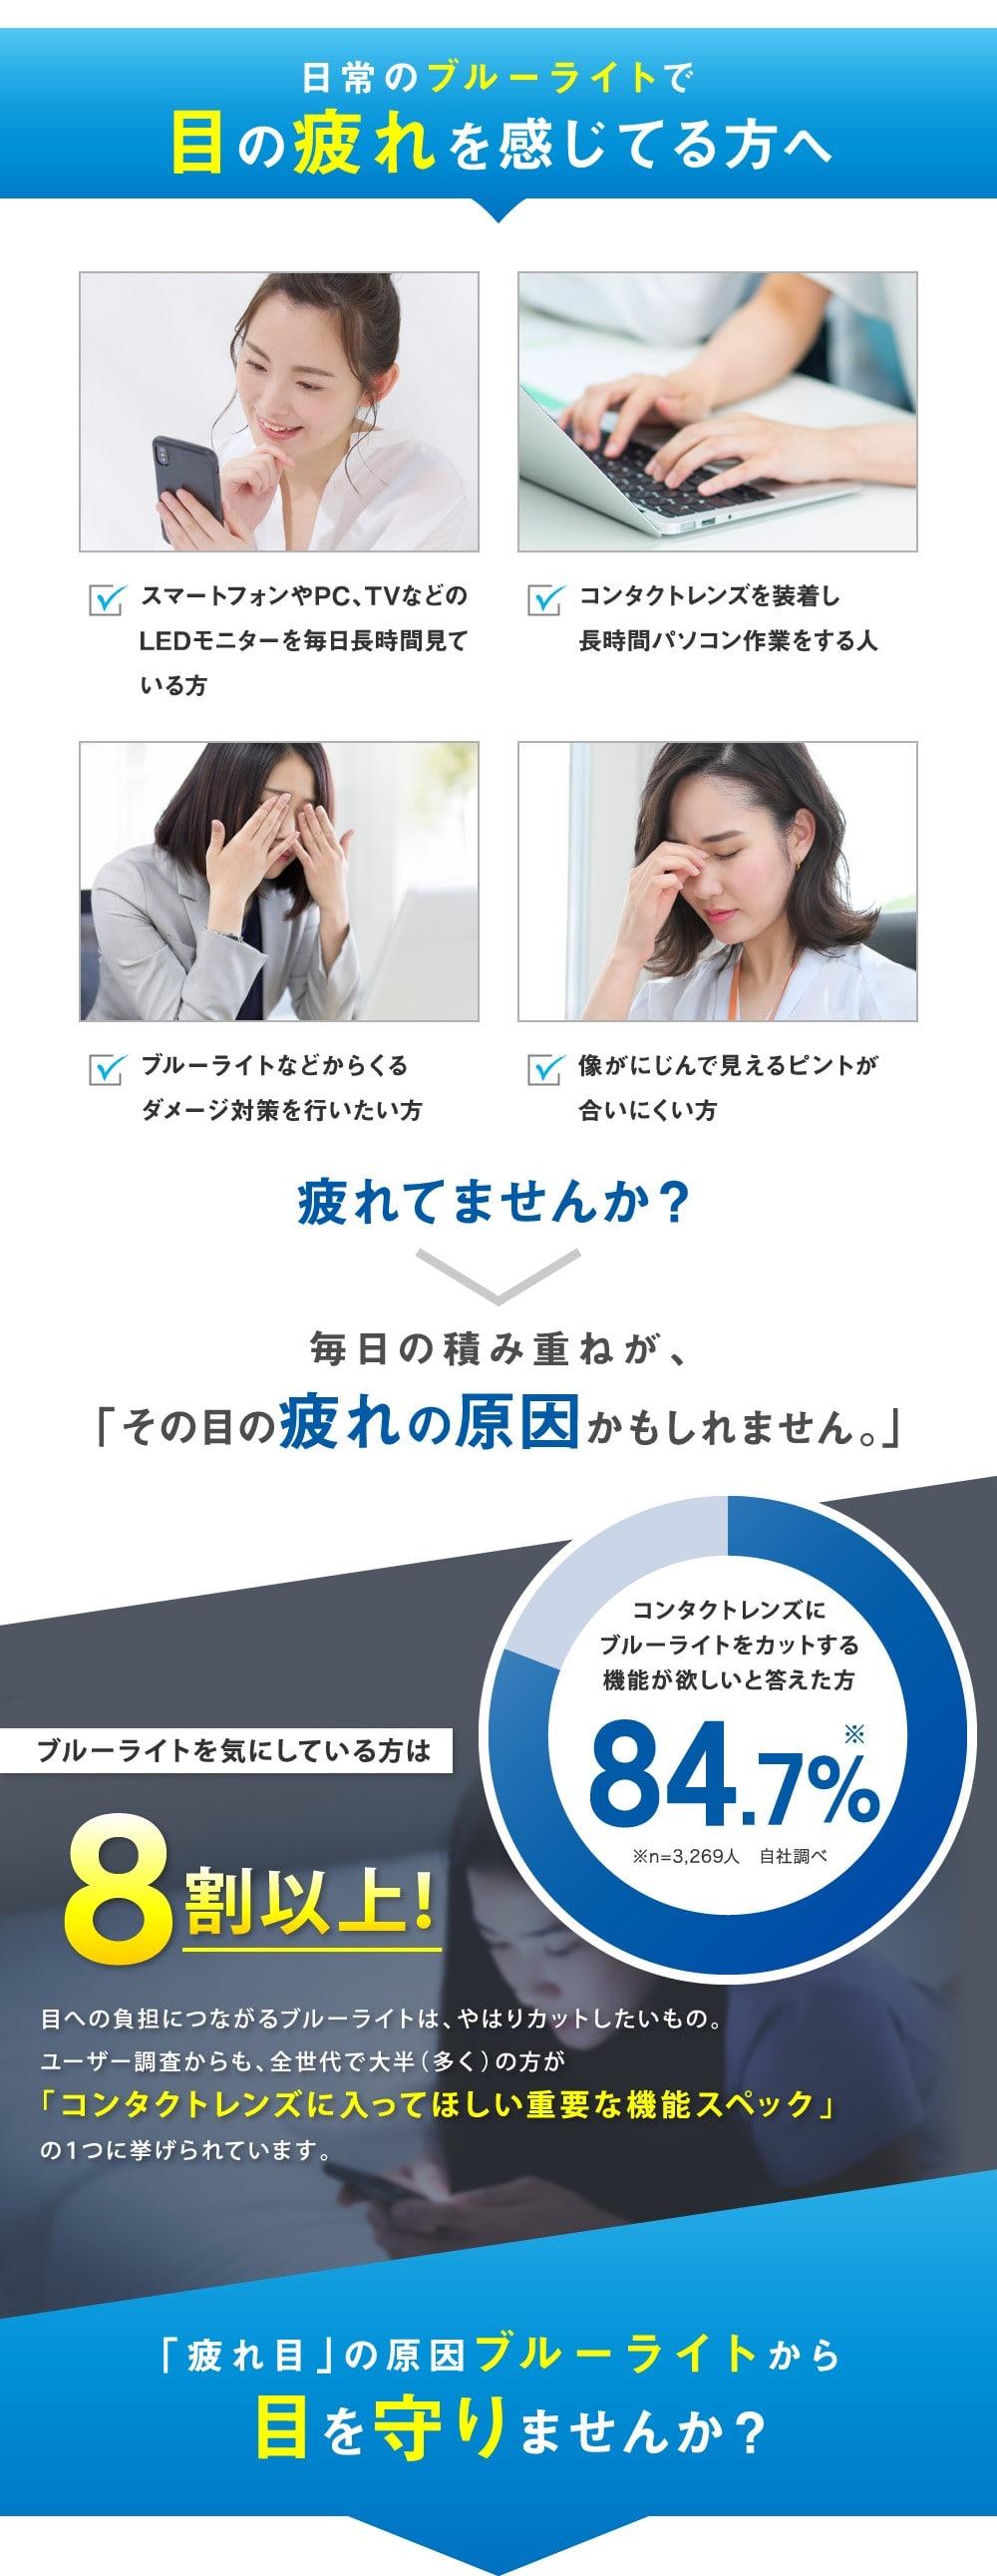 レヴィアBLB 1DAY 10枚 業界初ブルーライト軽減レンズ 価格表・品質・製品概要